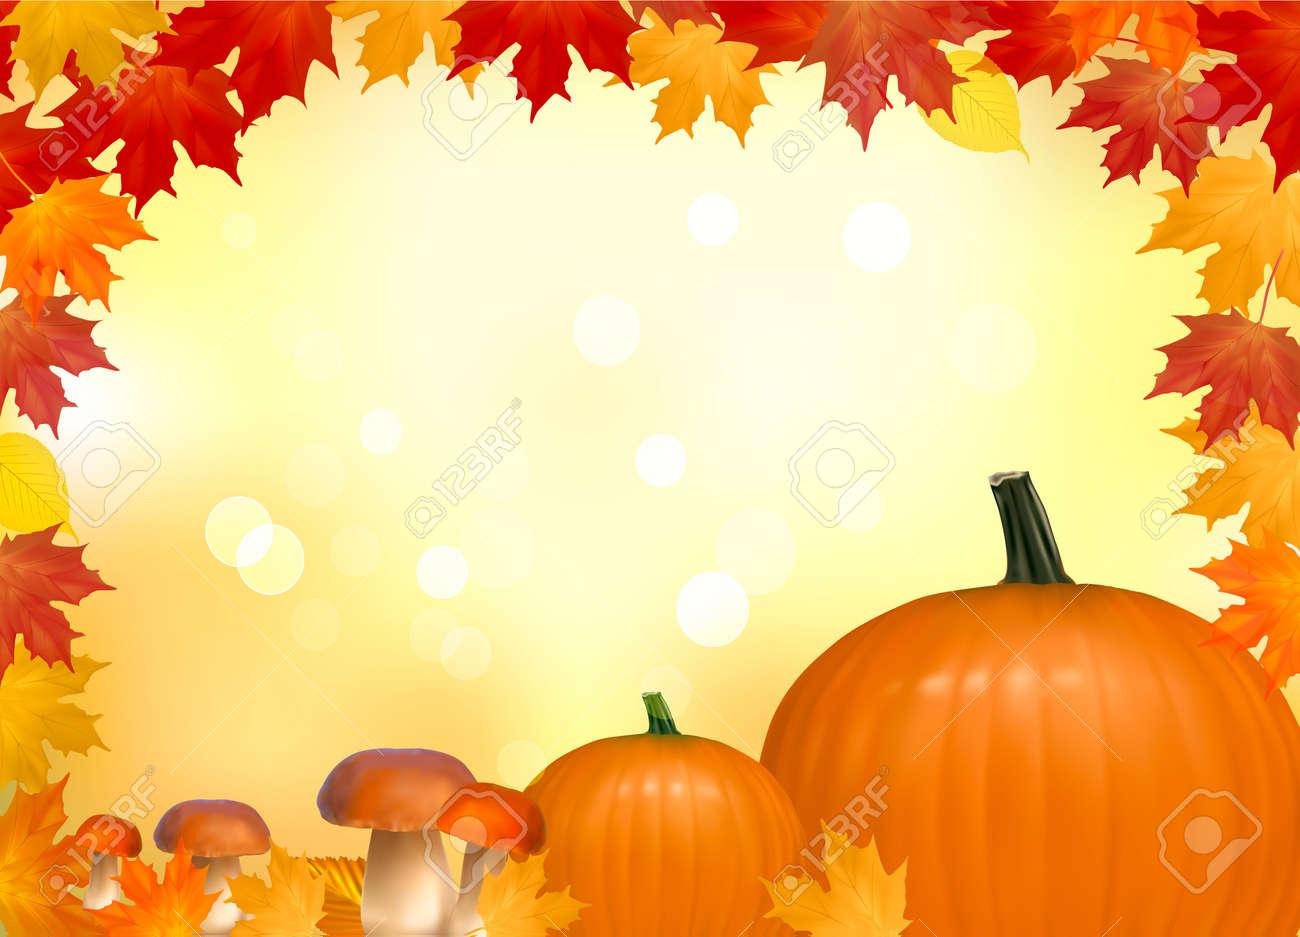 キノコ カボチャと秋の背景。コピー スペース。ベクトル イラスト